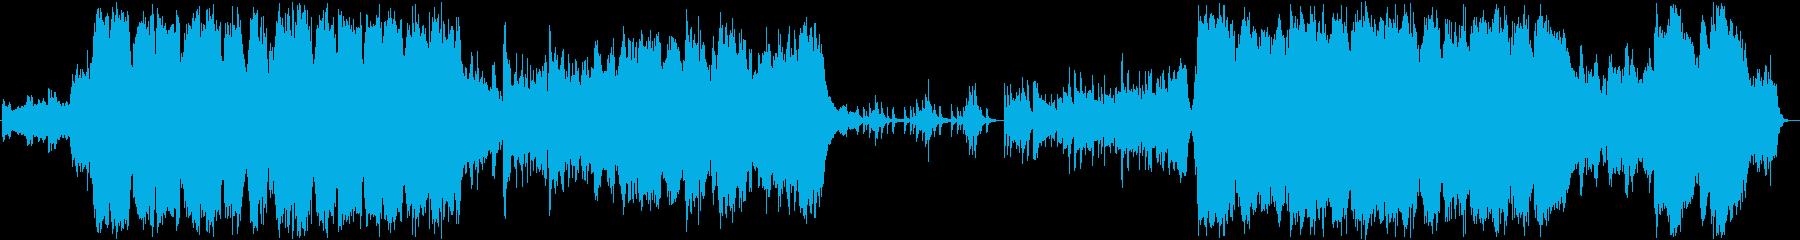 ファンタジー系ゲーム音楽 オープニング の再生済みの波形